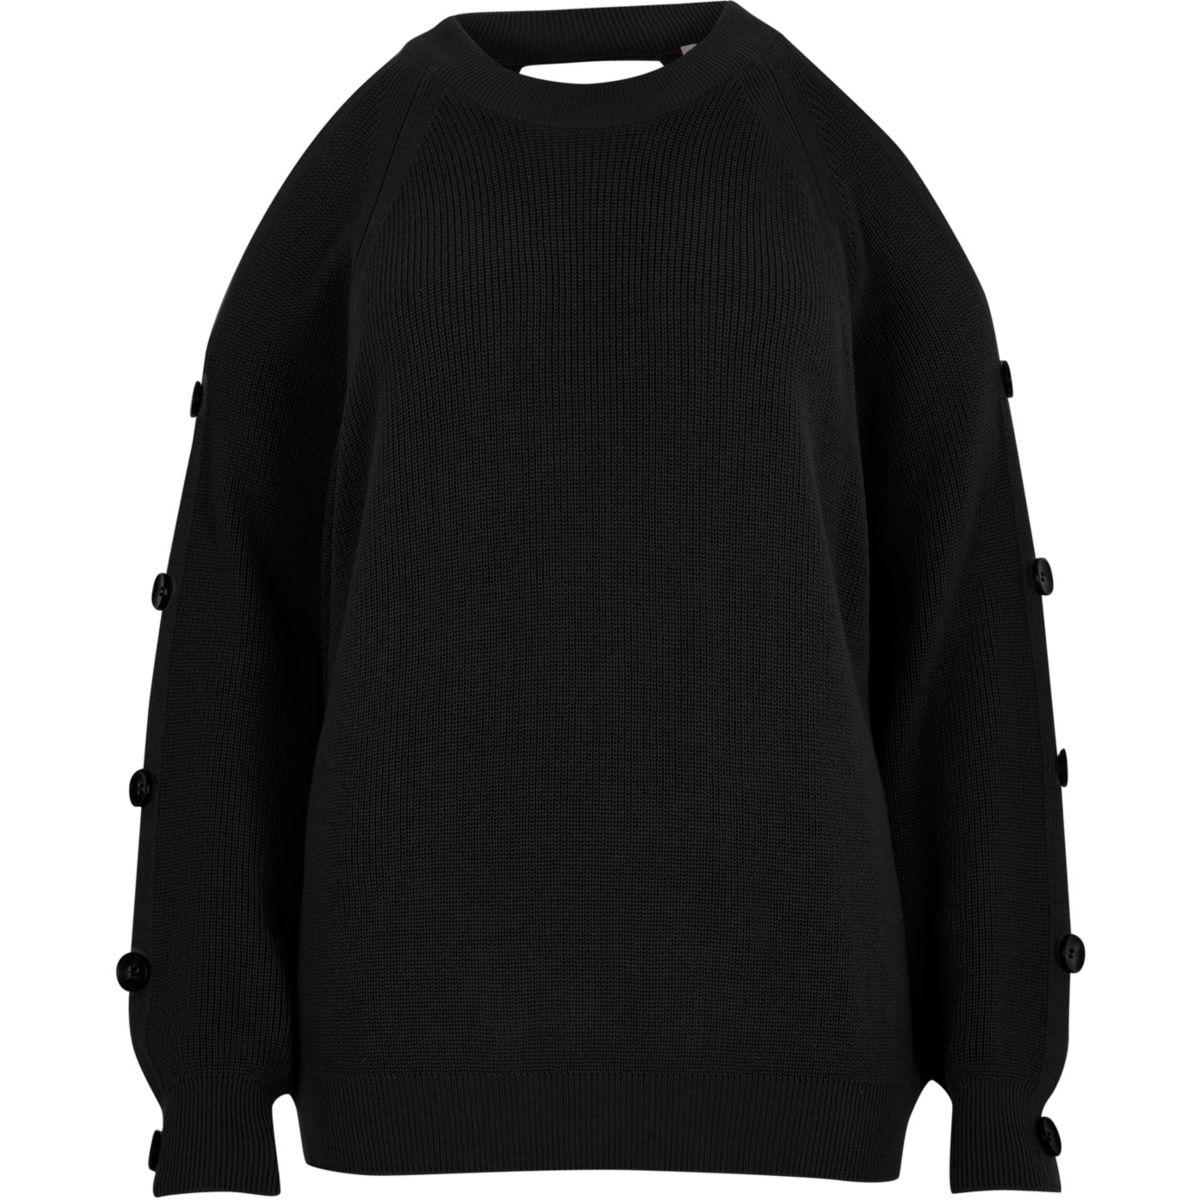 Zwarte gebreide schouderloze pullover met knopen op de mouwen